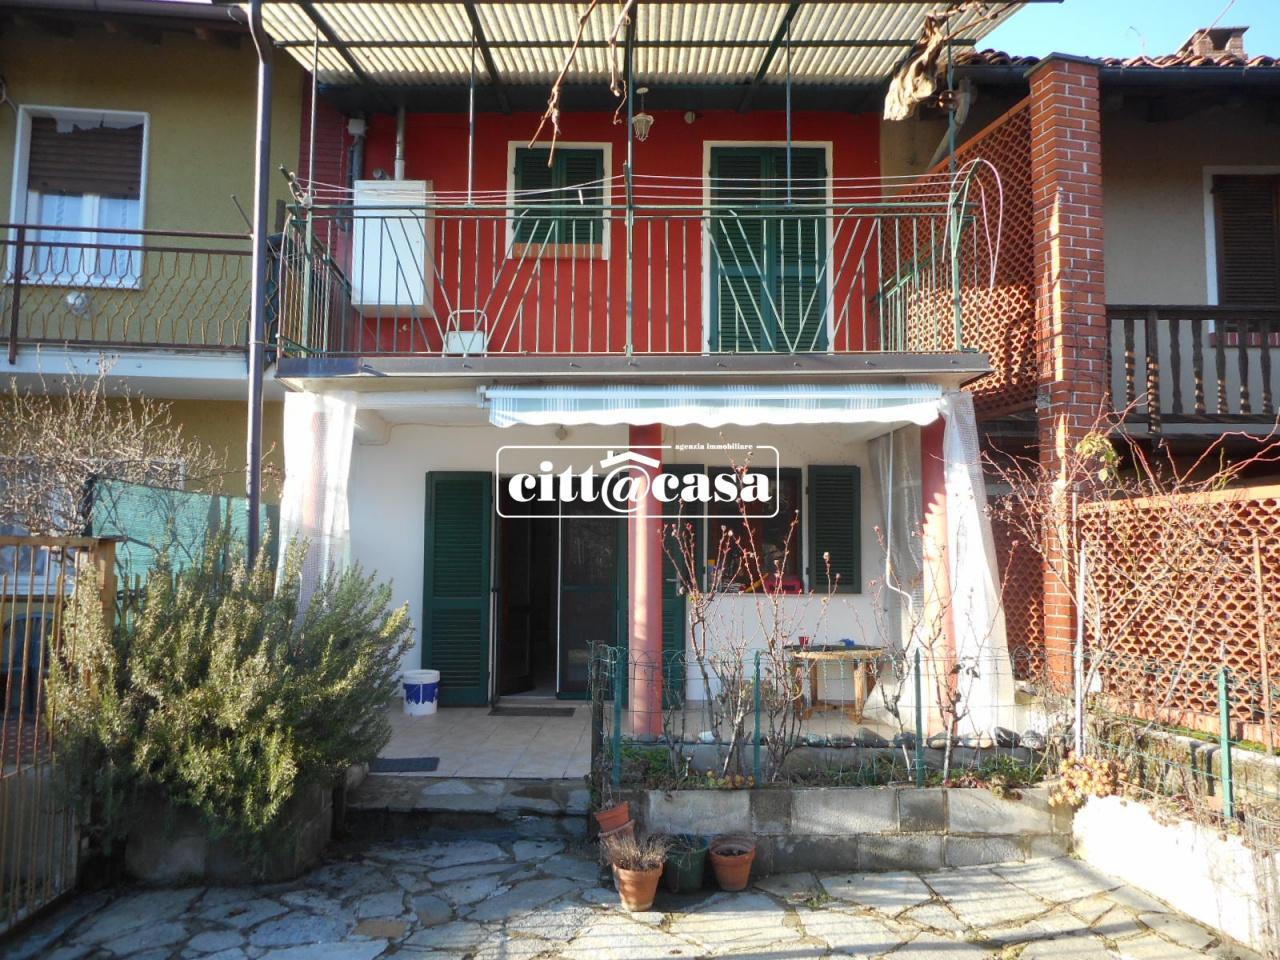 Soluzione Semindipendente in vendita a Casalborgone, 4 locali, prezzo € 95.000 | CambioCasa.it